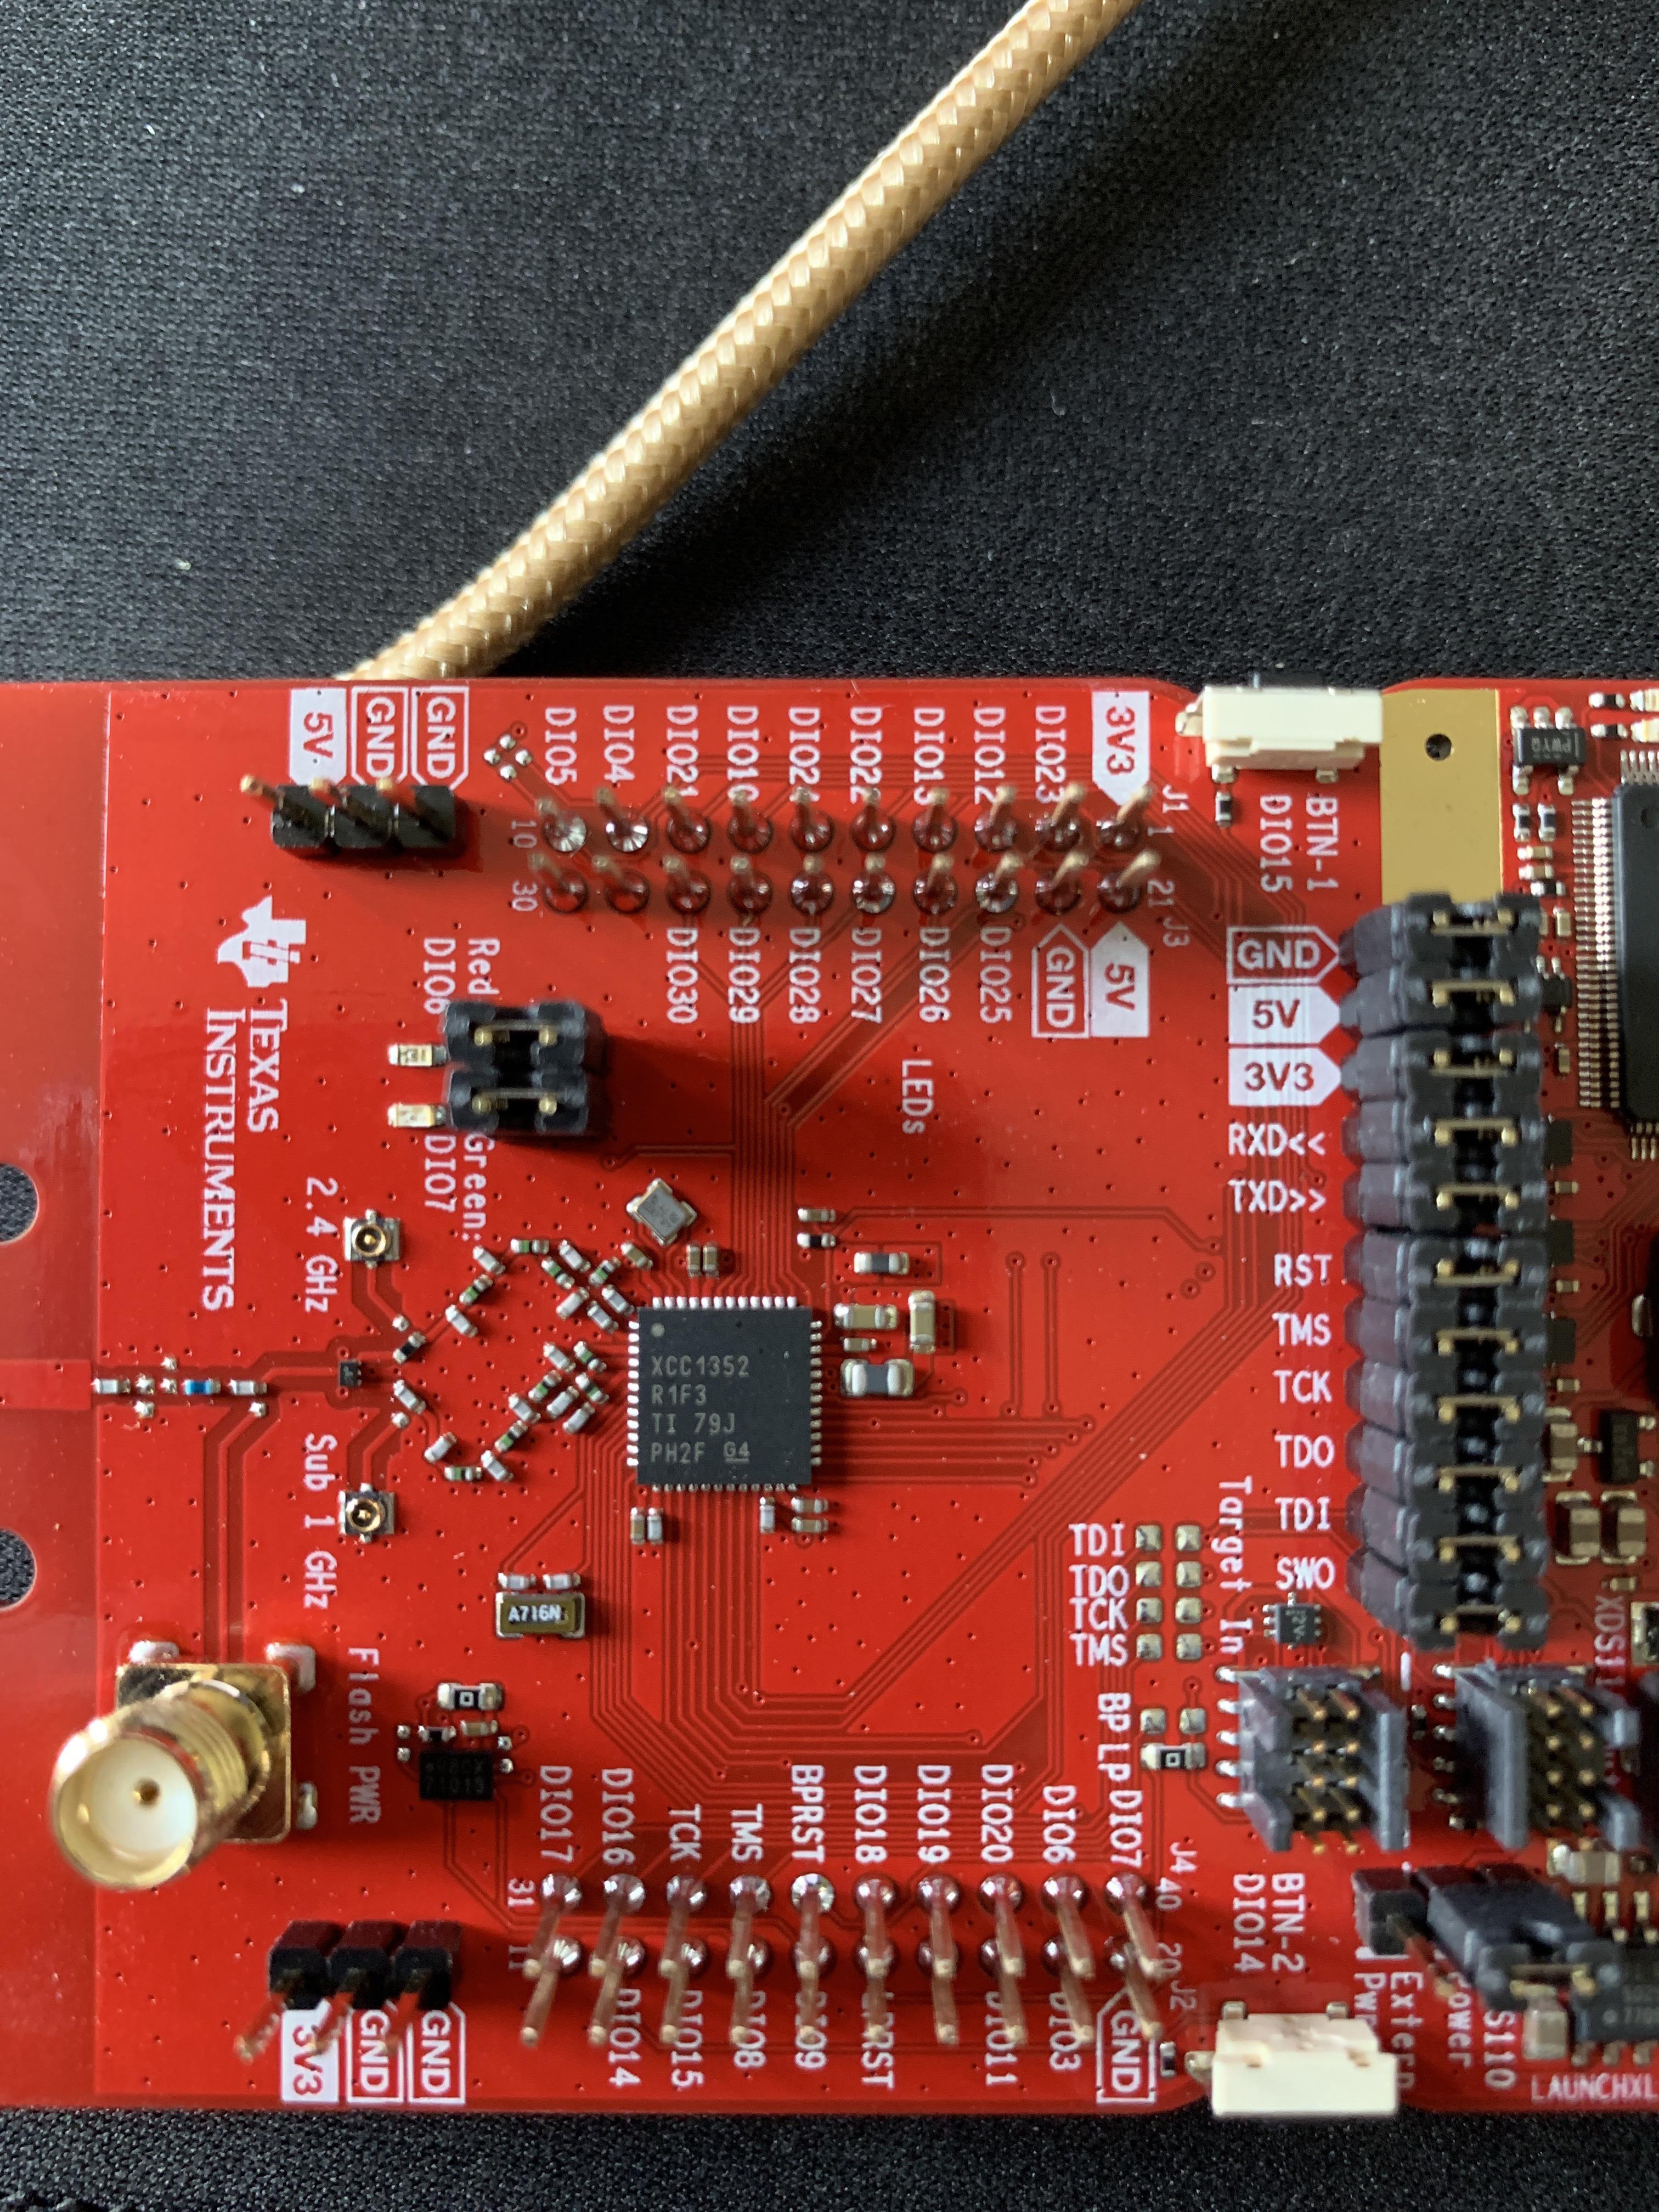 wei/ß Firmware und Antenne ZigBee Gateway CC1352P-2 Coordinator mit Geh/äuse